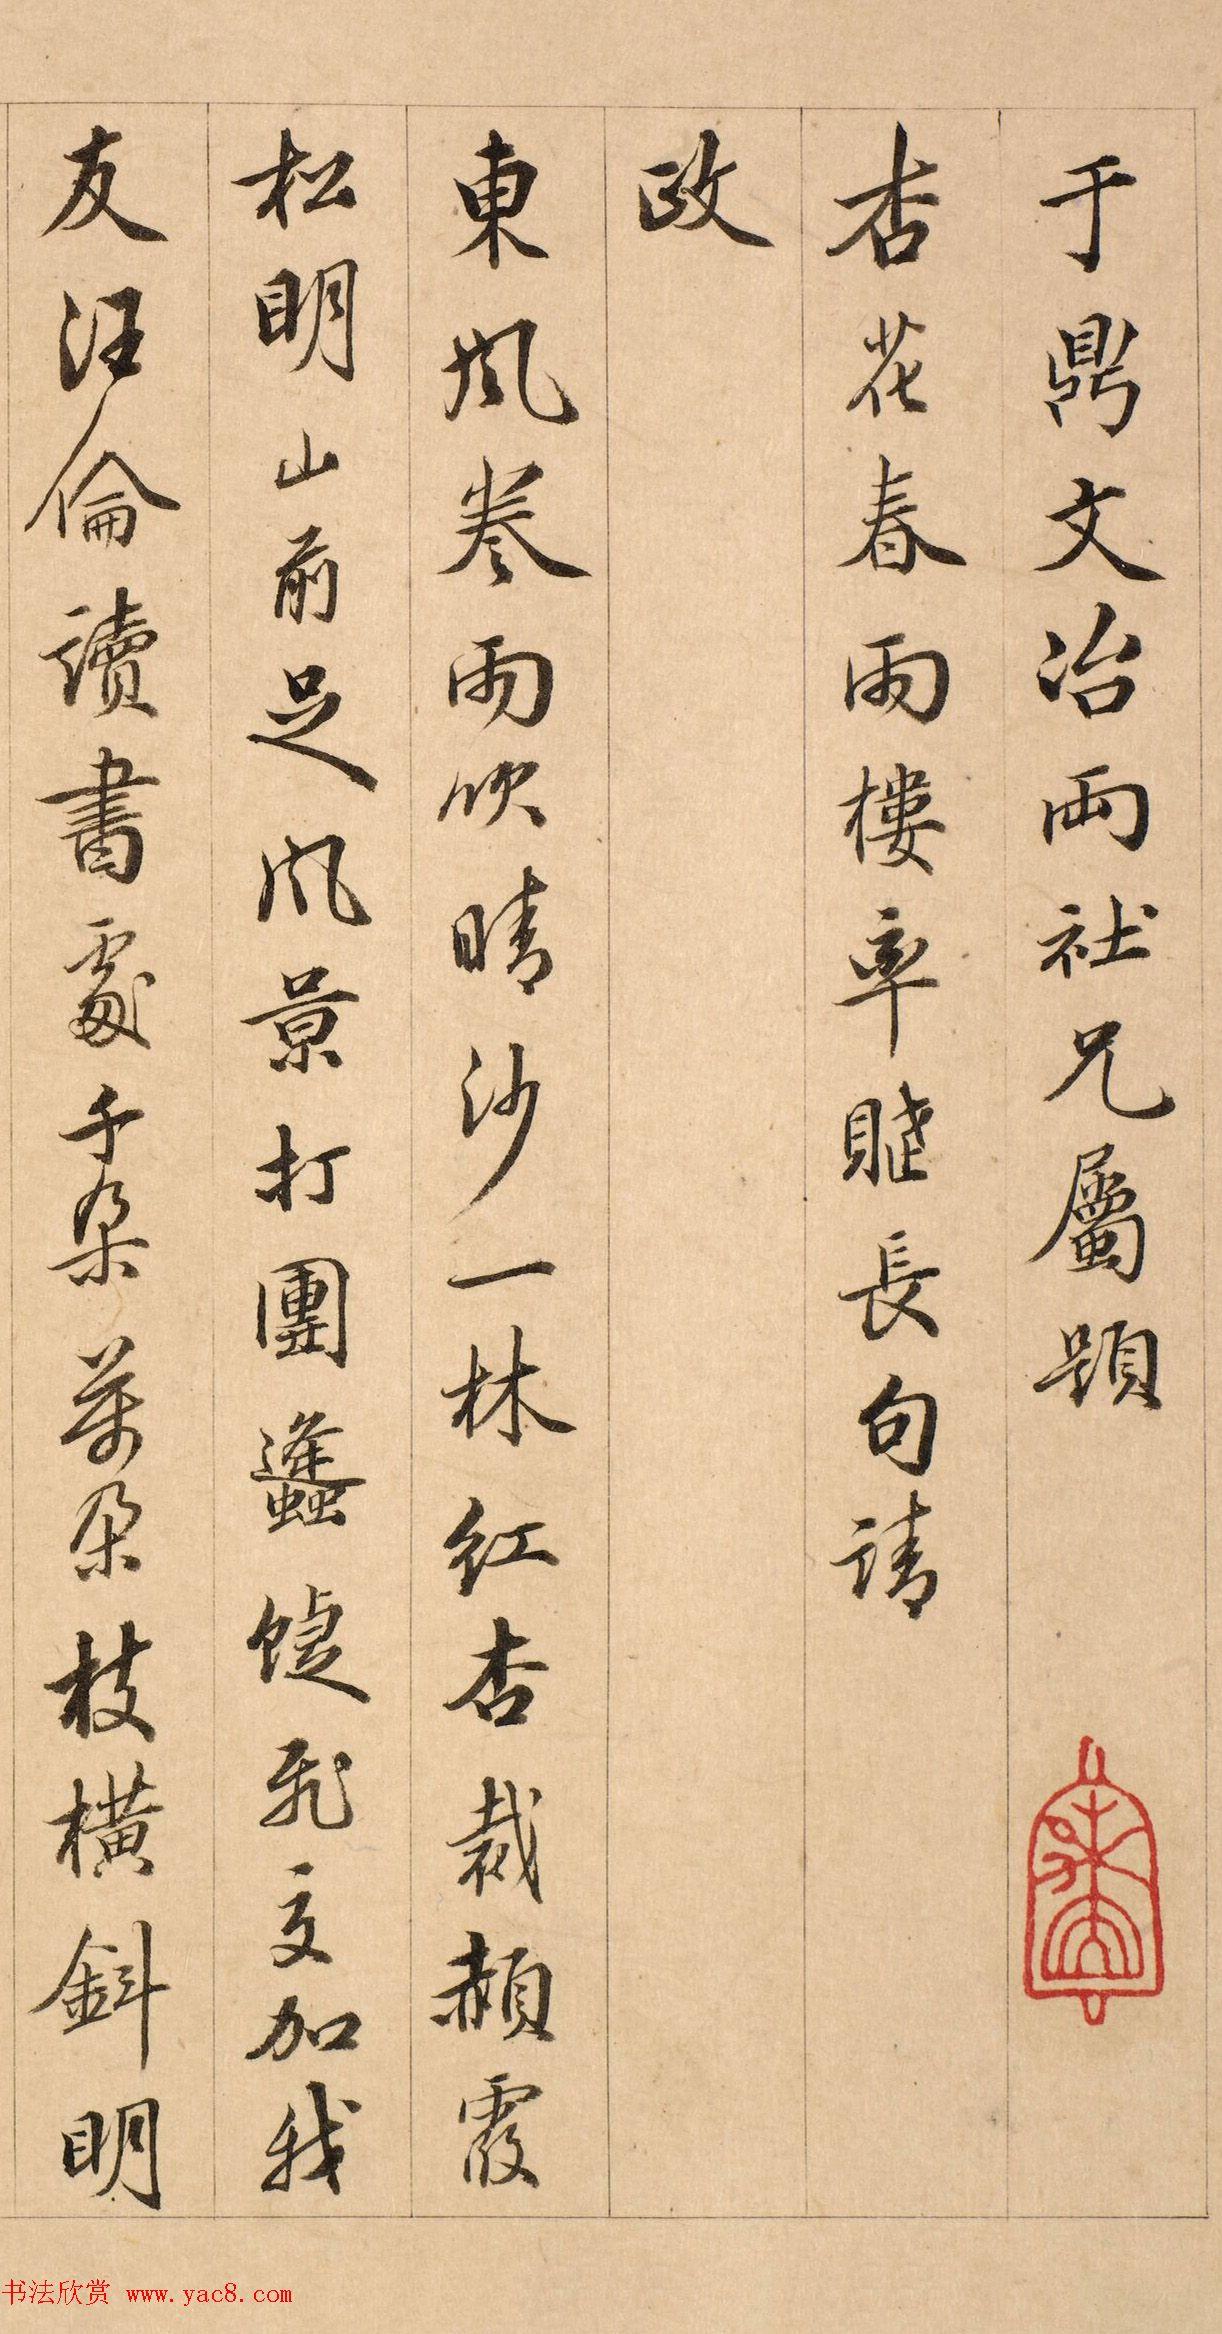 清代文学家顾图河书法《花春雨楼率赋长句》